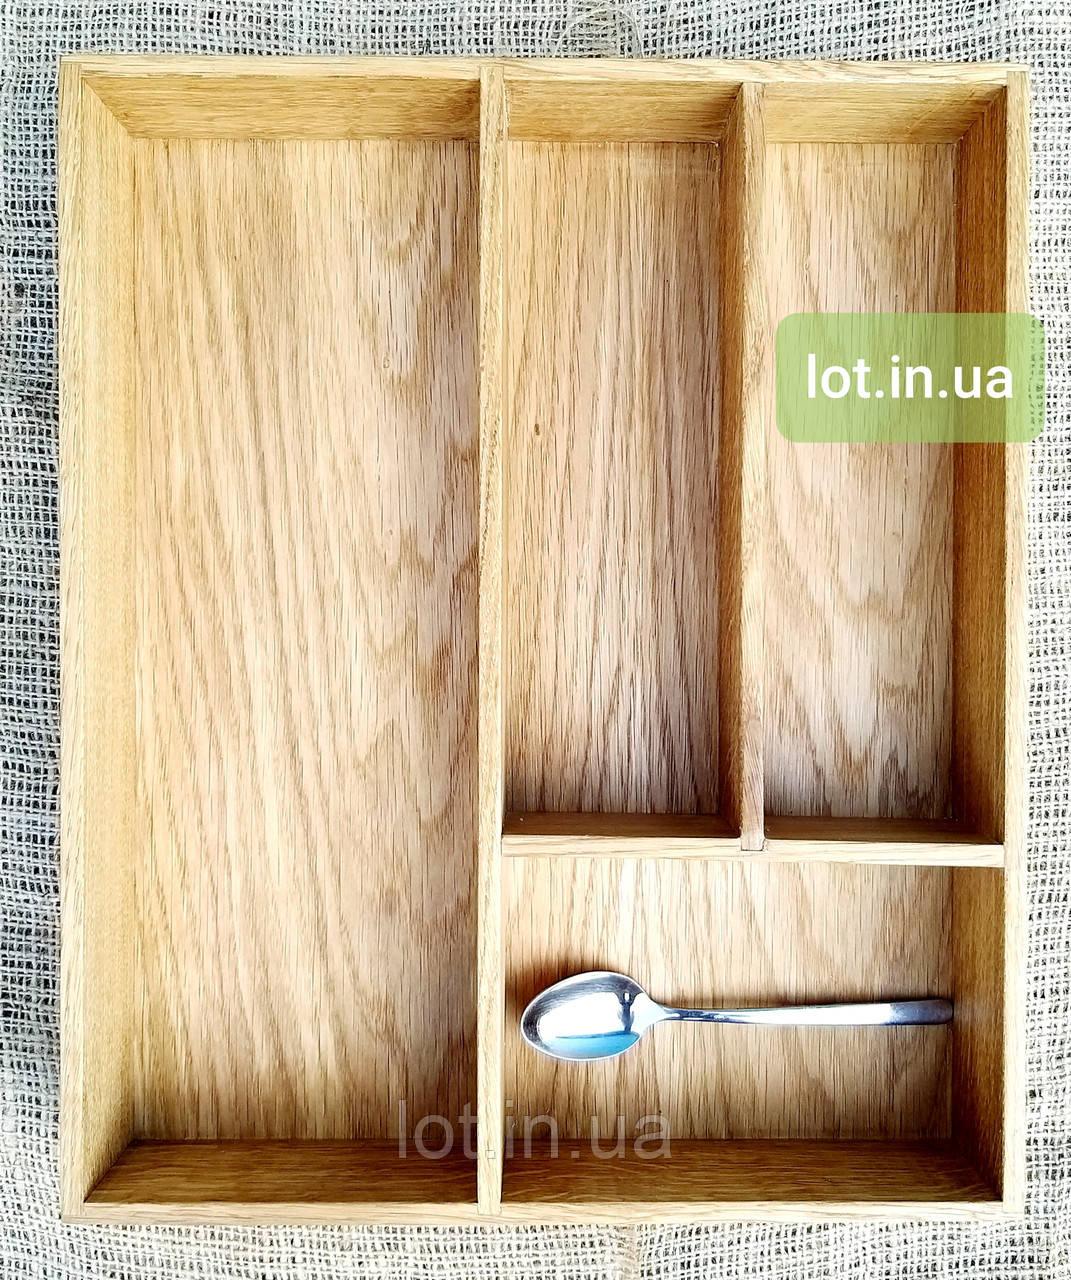 Деревянный лоток для столовых приборов Lot 104 300х400. (индивидуальные размеры)